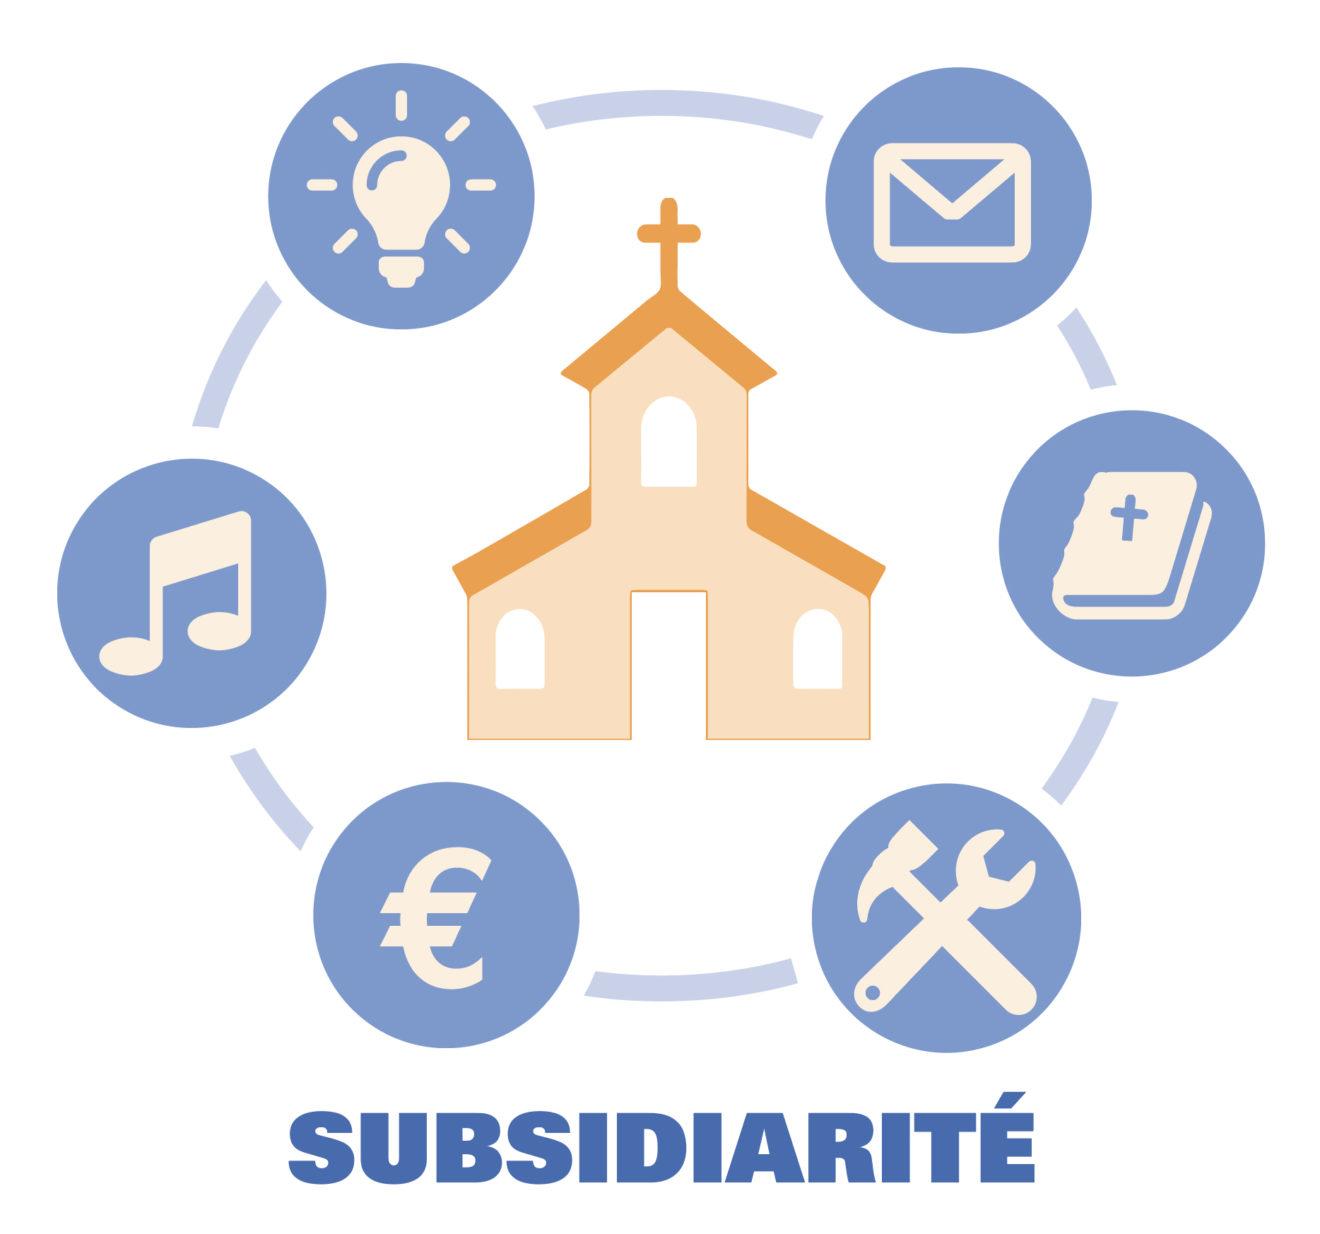 2Subsidiarité